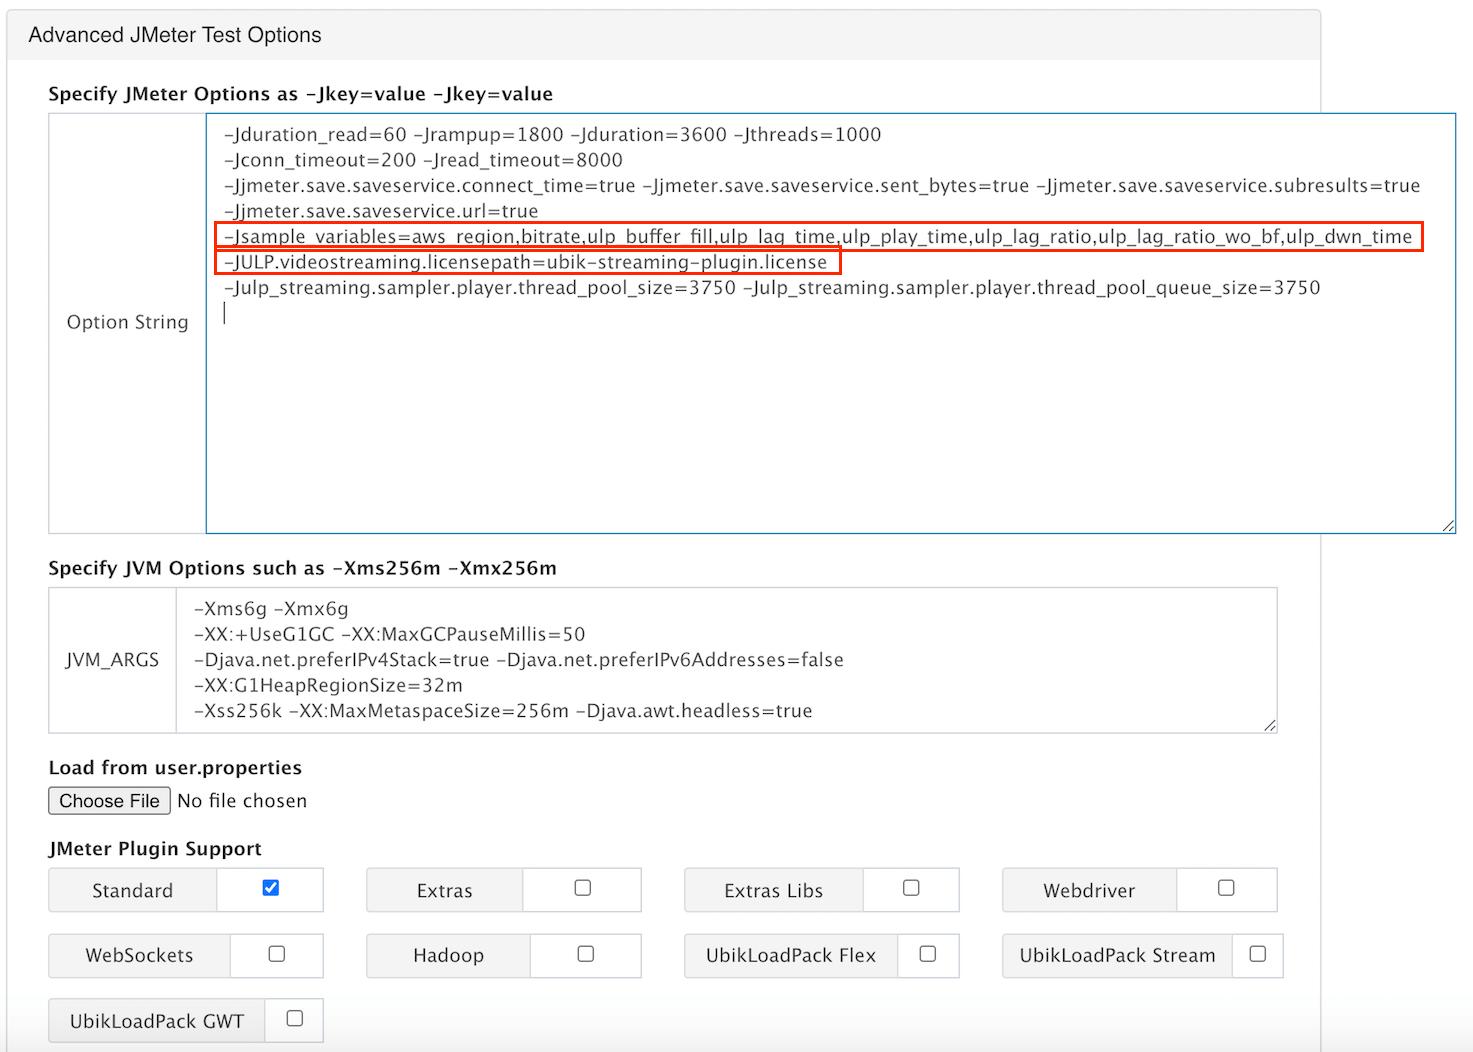 advances JMeter test options